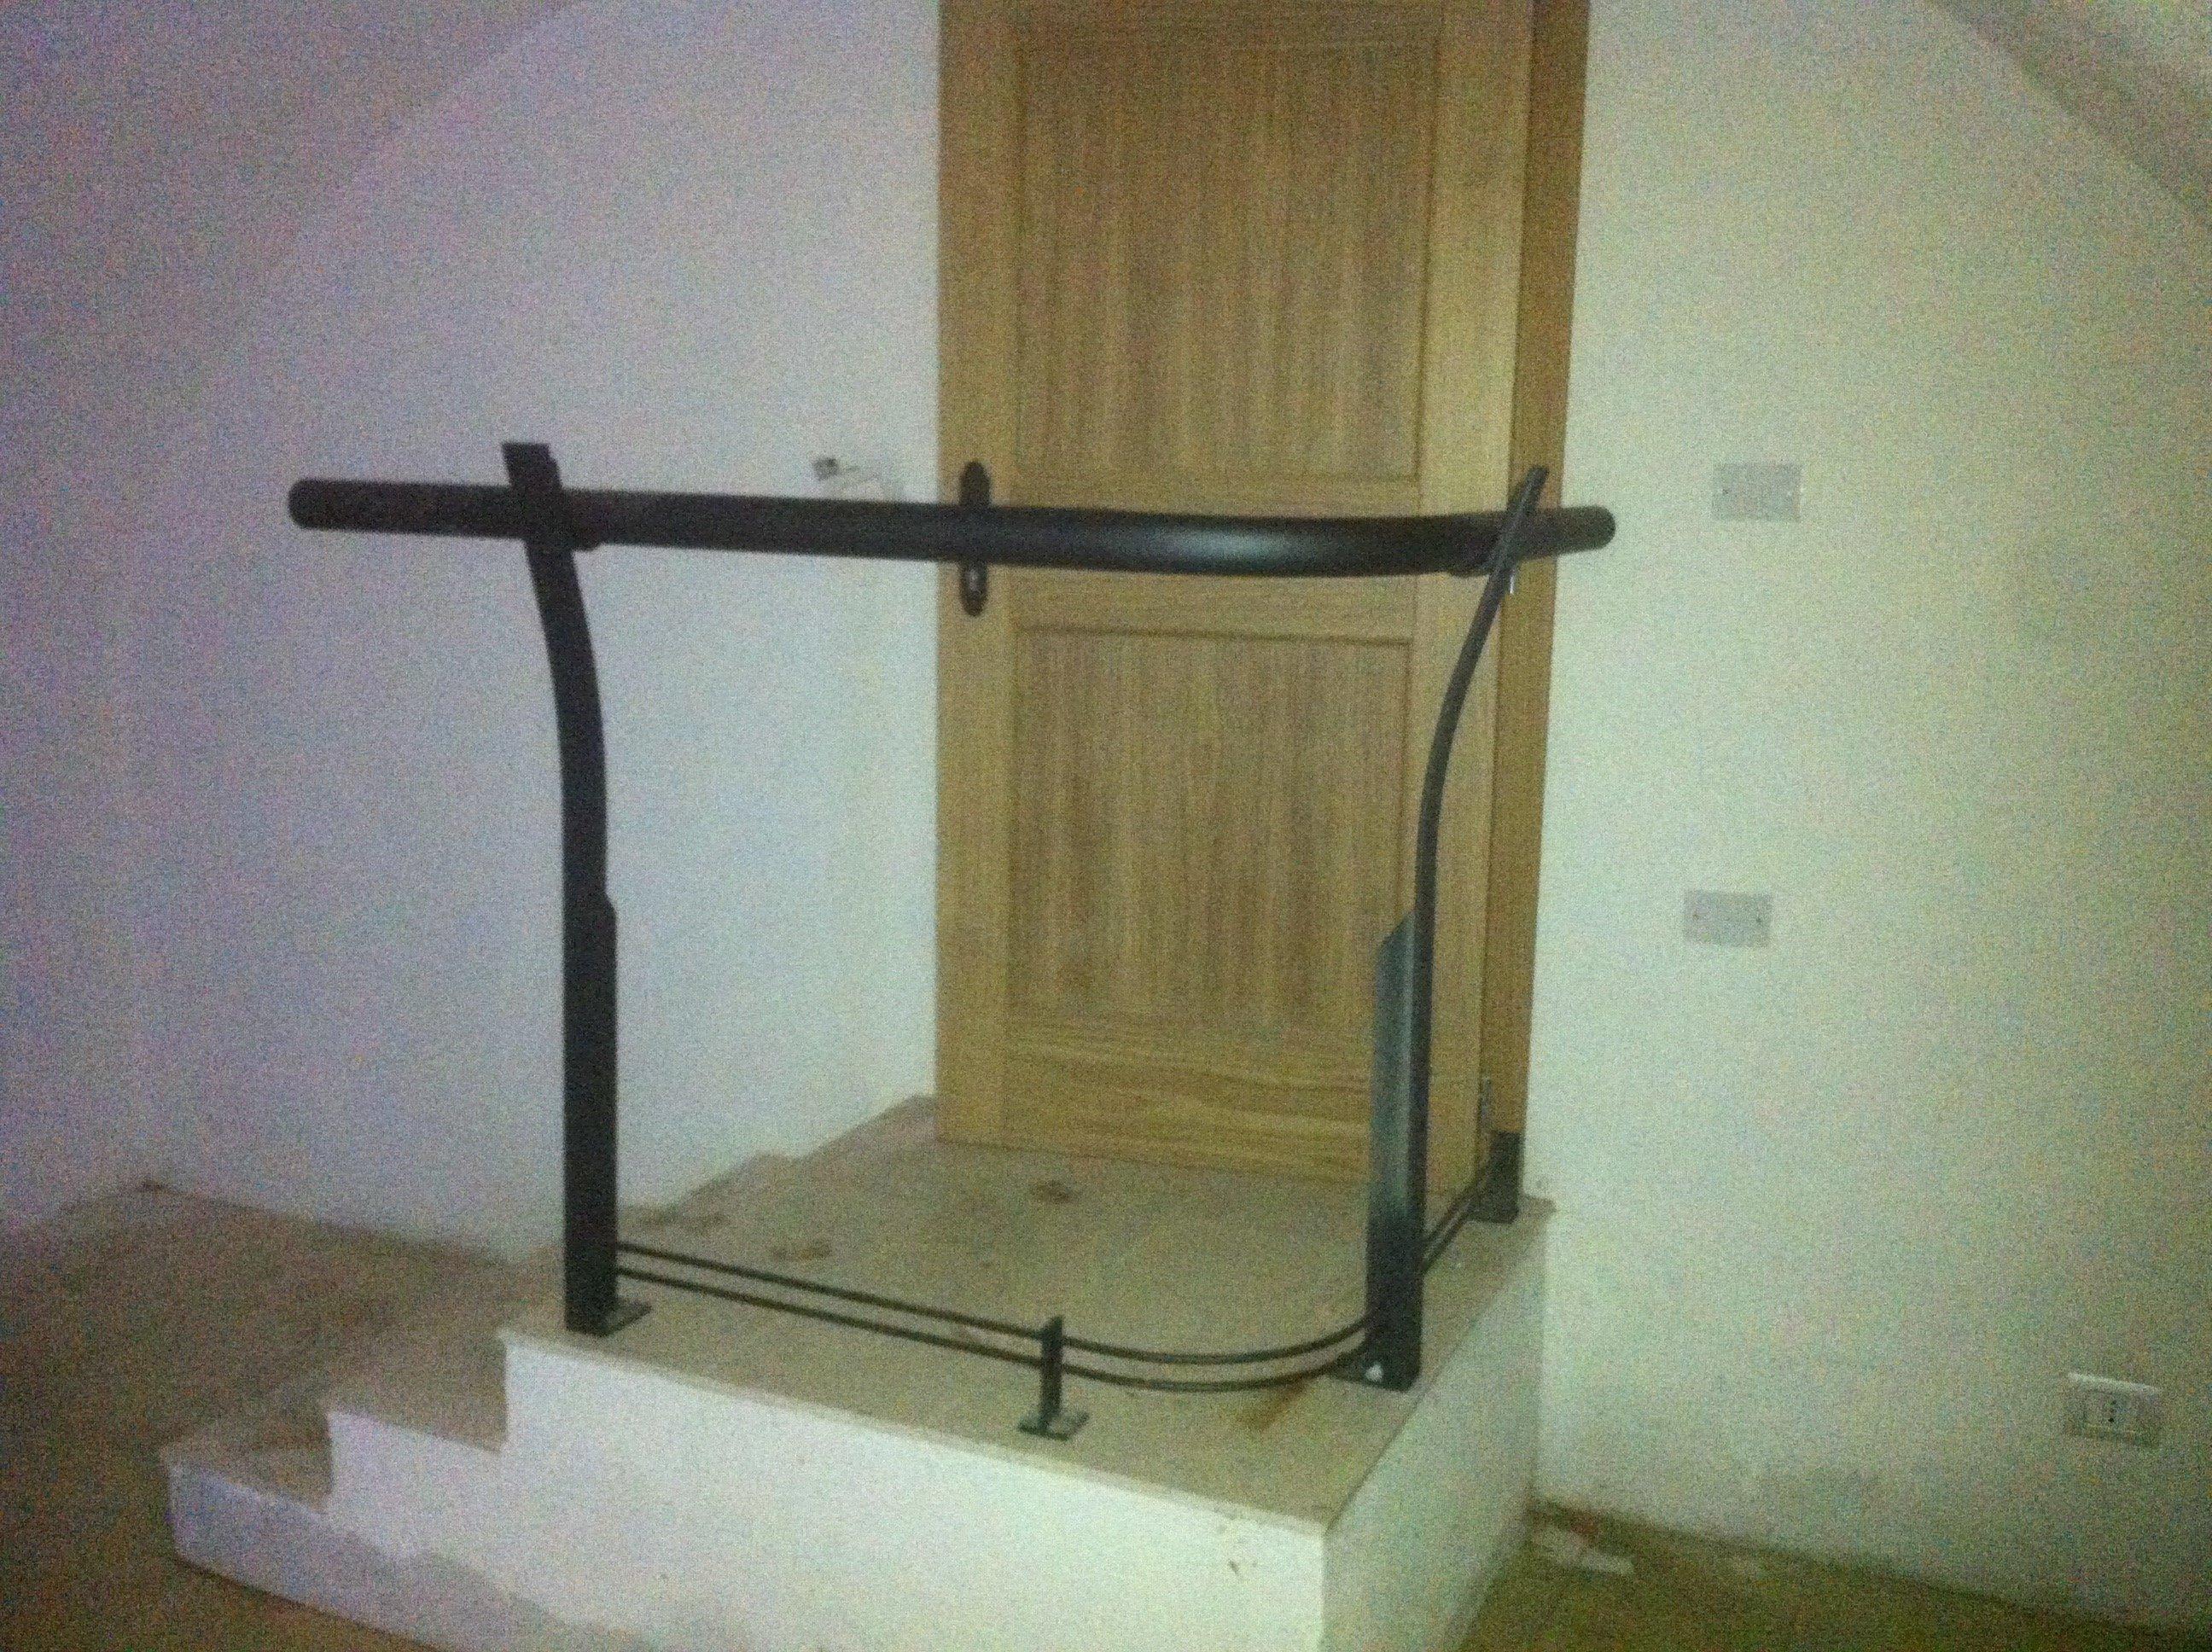 tre gradini, un corrimano in ferro nero e una porta in legno